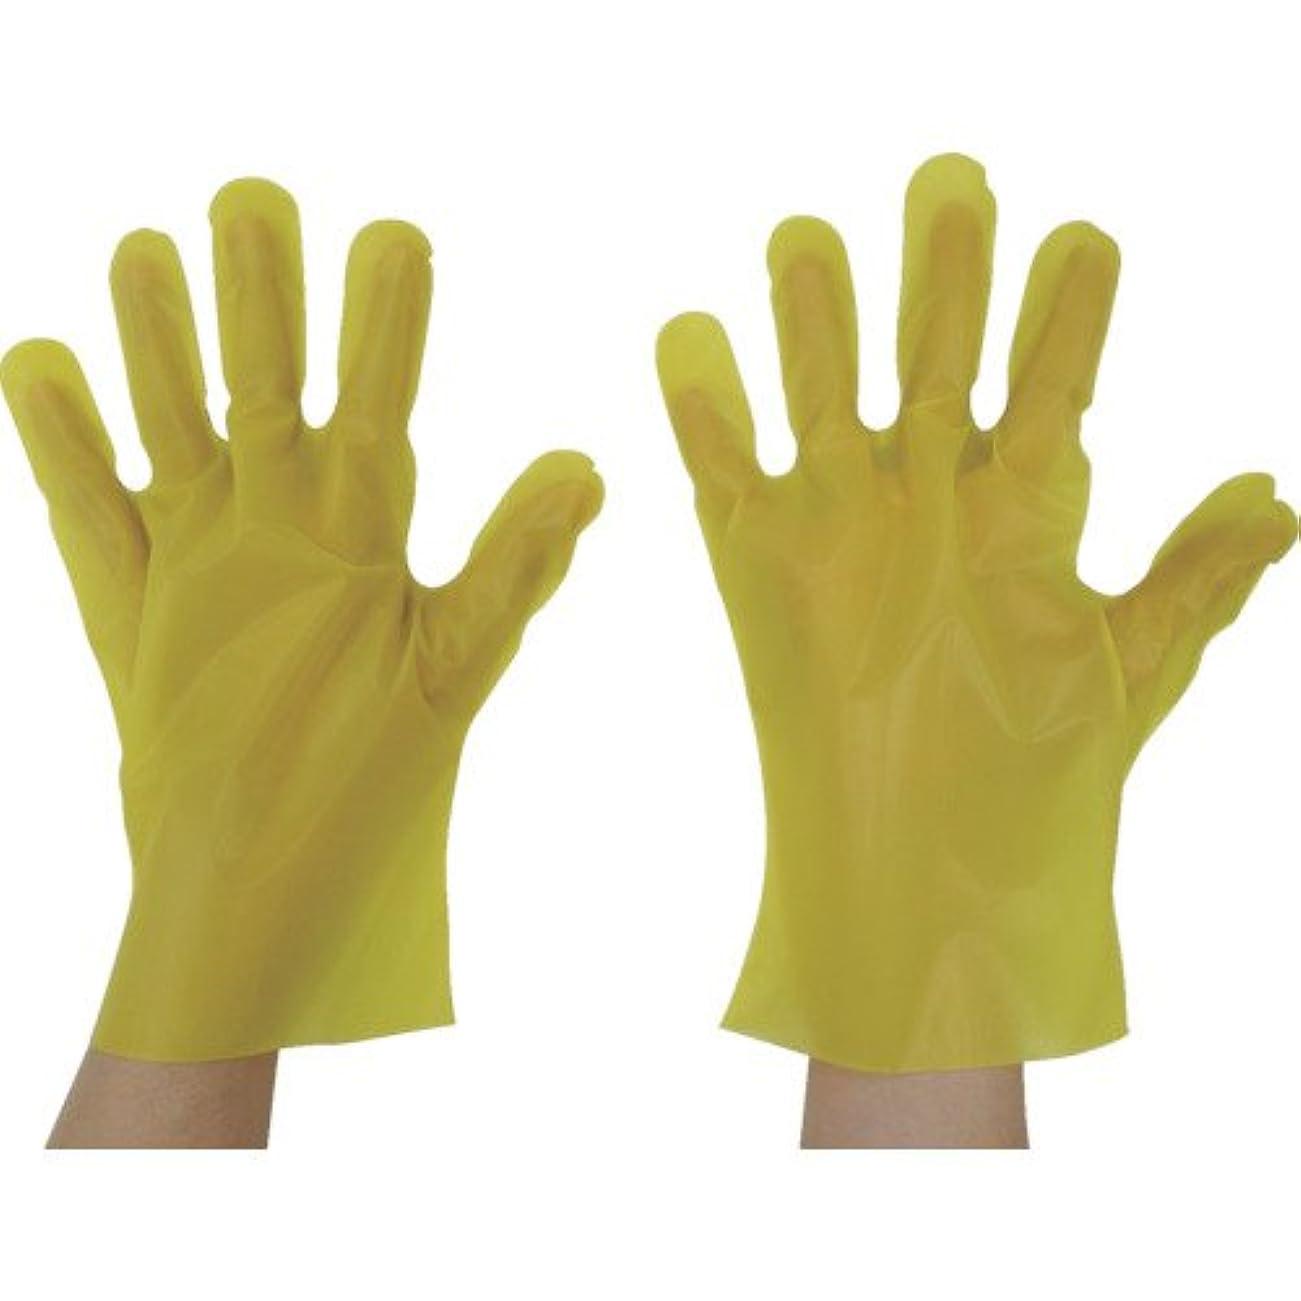 証明書できれば不合格東京パック エンボス手袋五本絞りエコノミー化粧箱S イエロー(入数:200枚) YEK-S